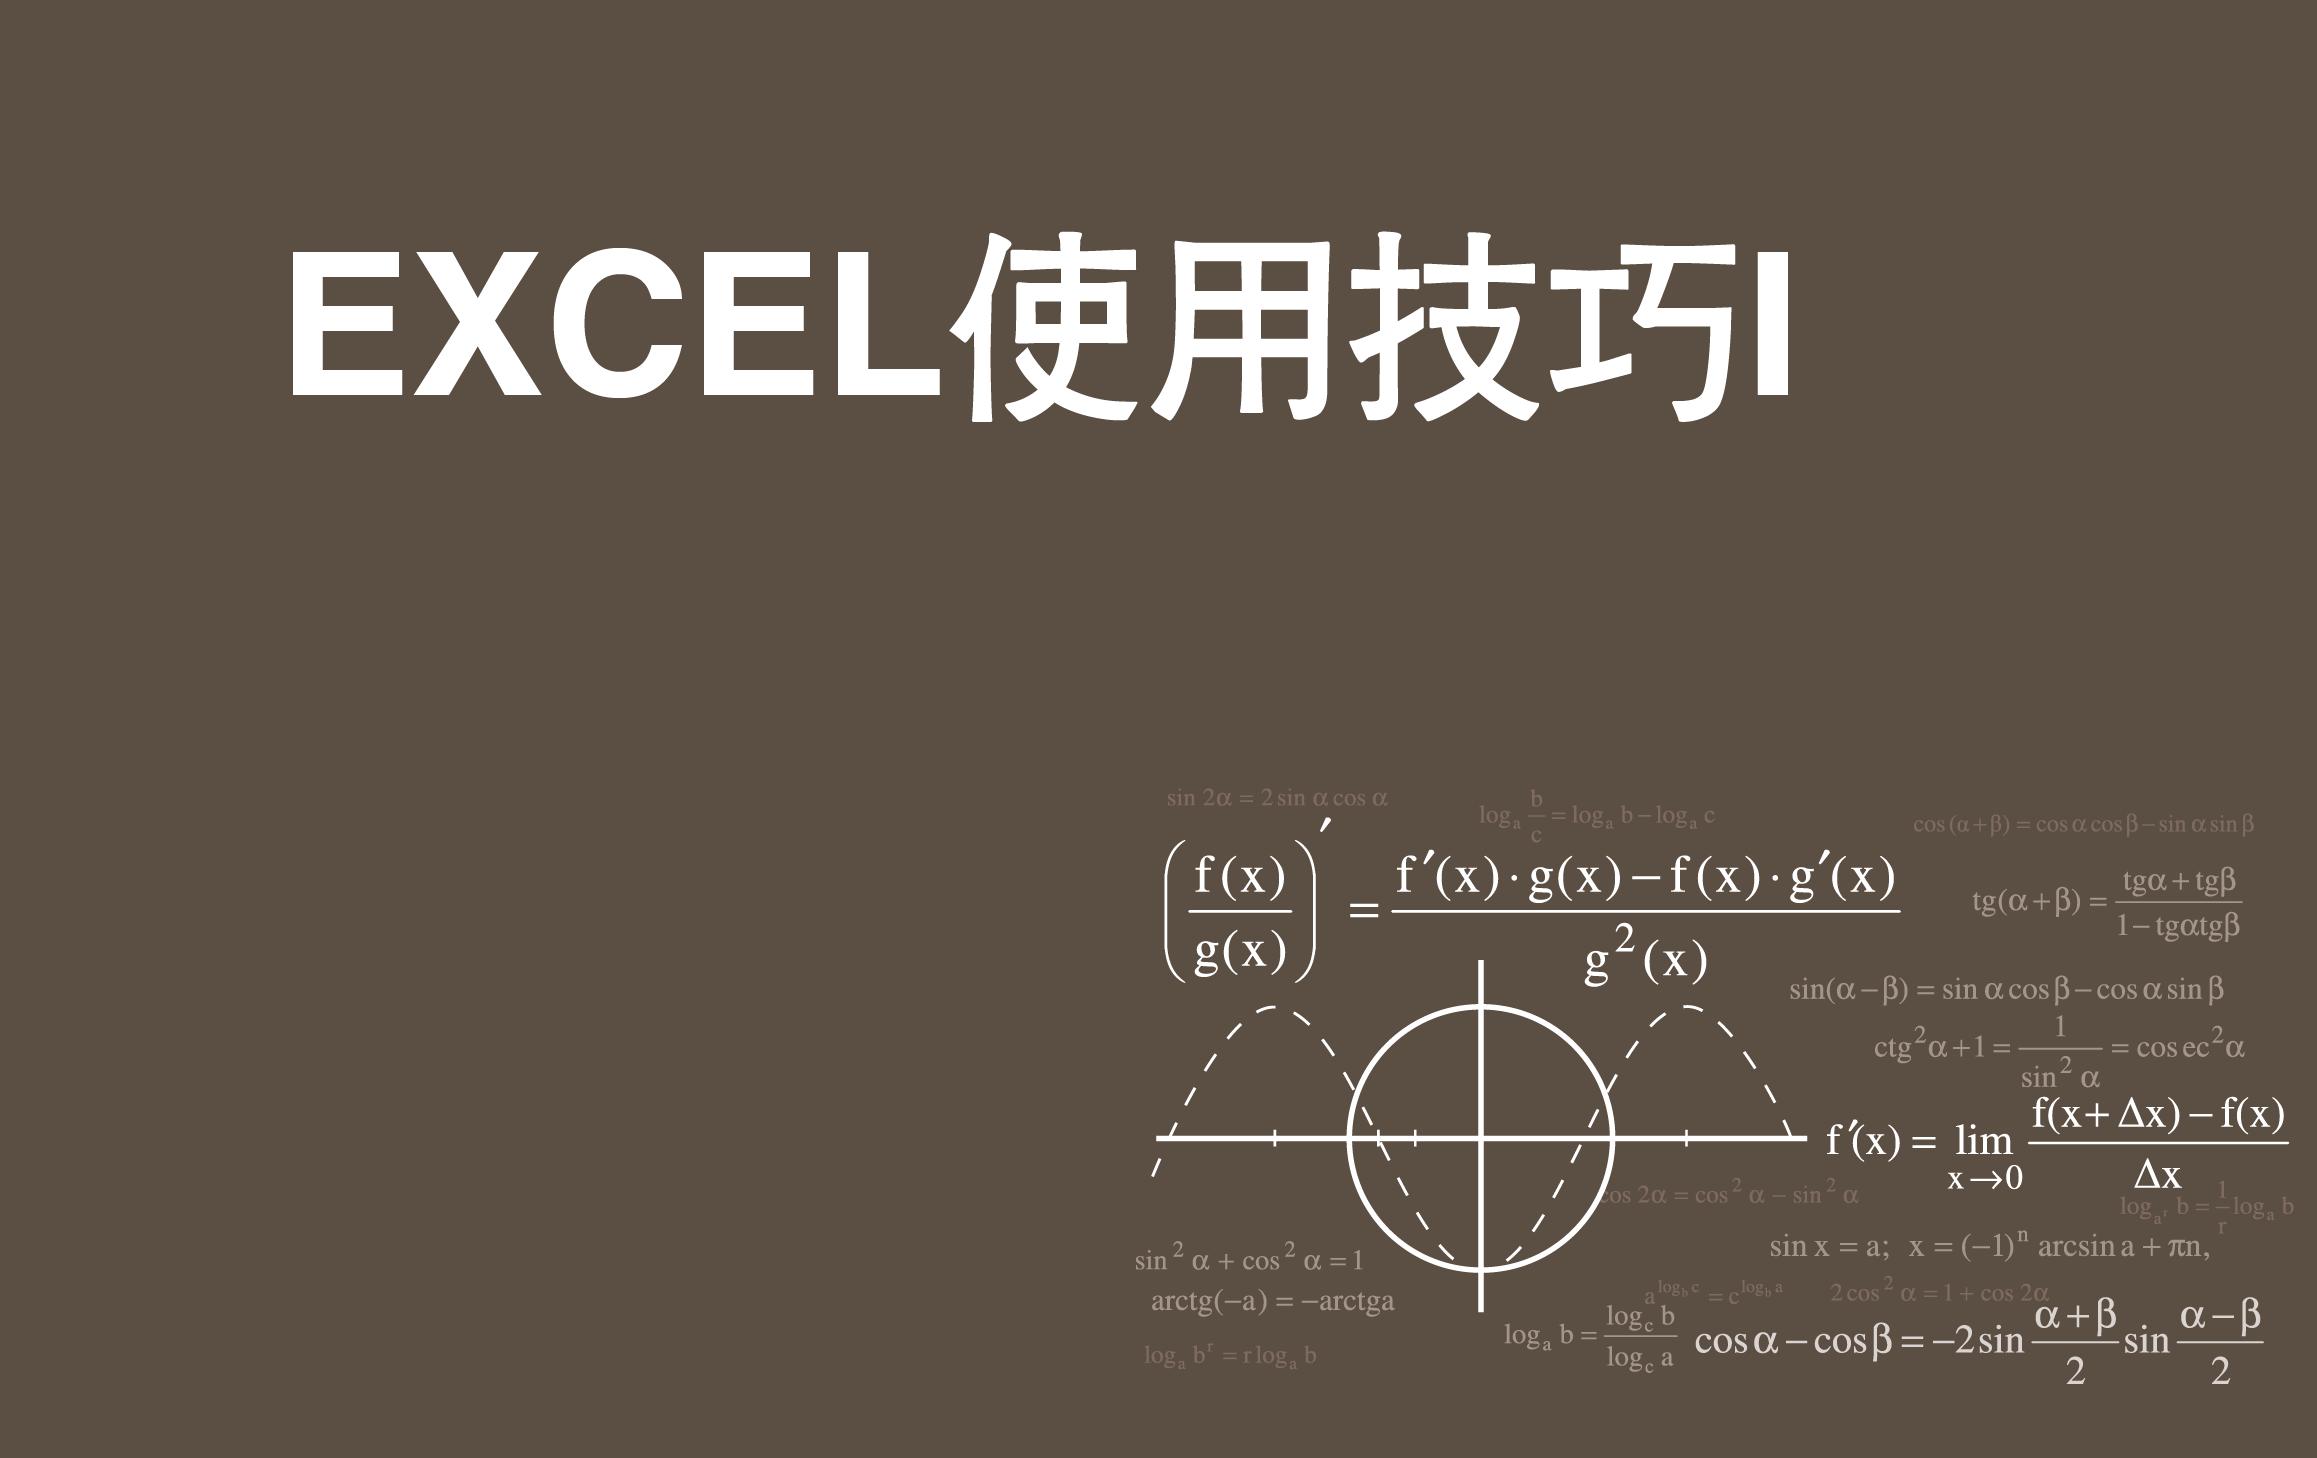 Excel基礎數據整理及常用函數使用技巧 I